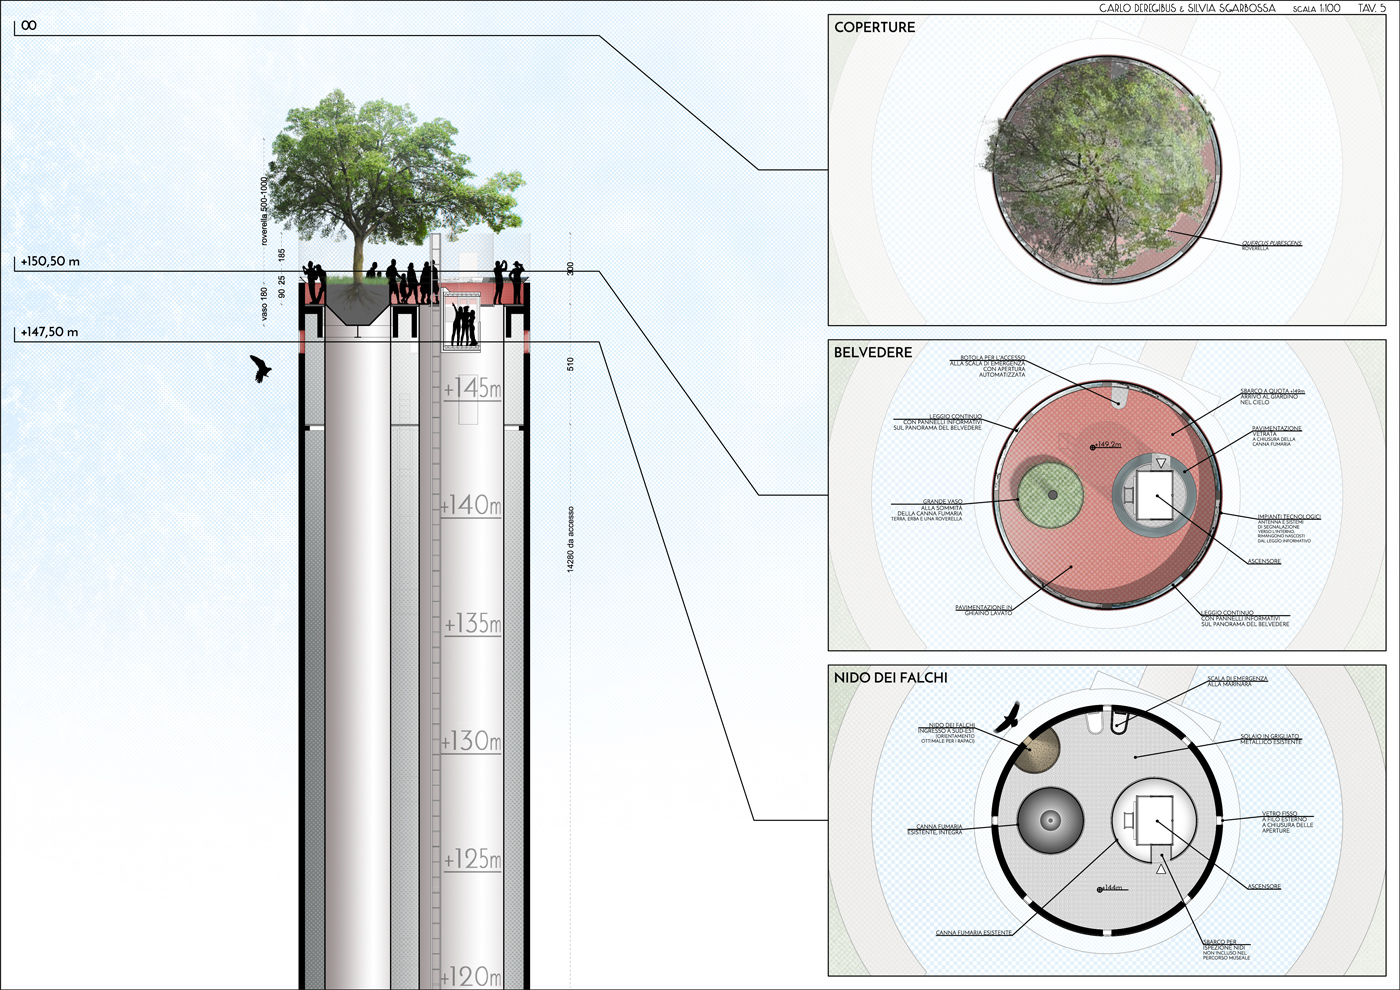 La grande ciminiera della Centrale del Parco del Mincio diventa un incredibile museo verticale in cui natura, archelogia industriale, paesaggio si uniscono in un'esperienza di immenso fascino | planimetria e funzioni | Bottega di Architettura